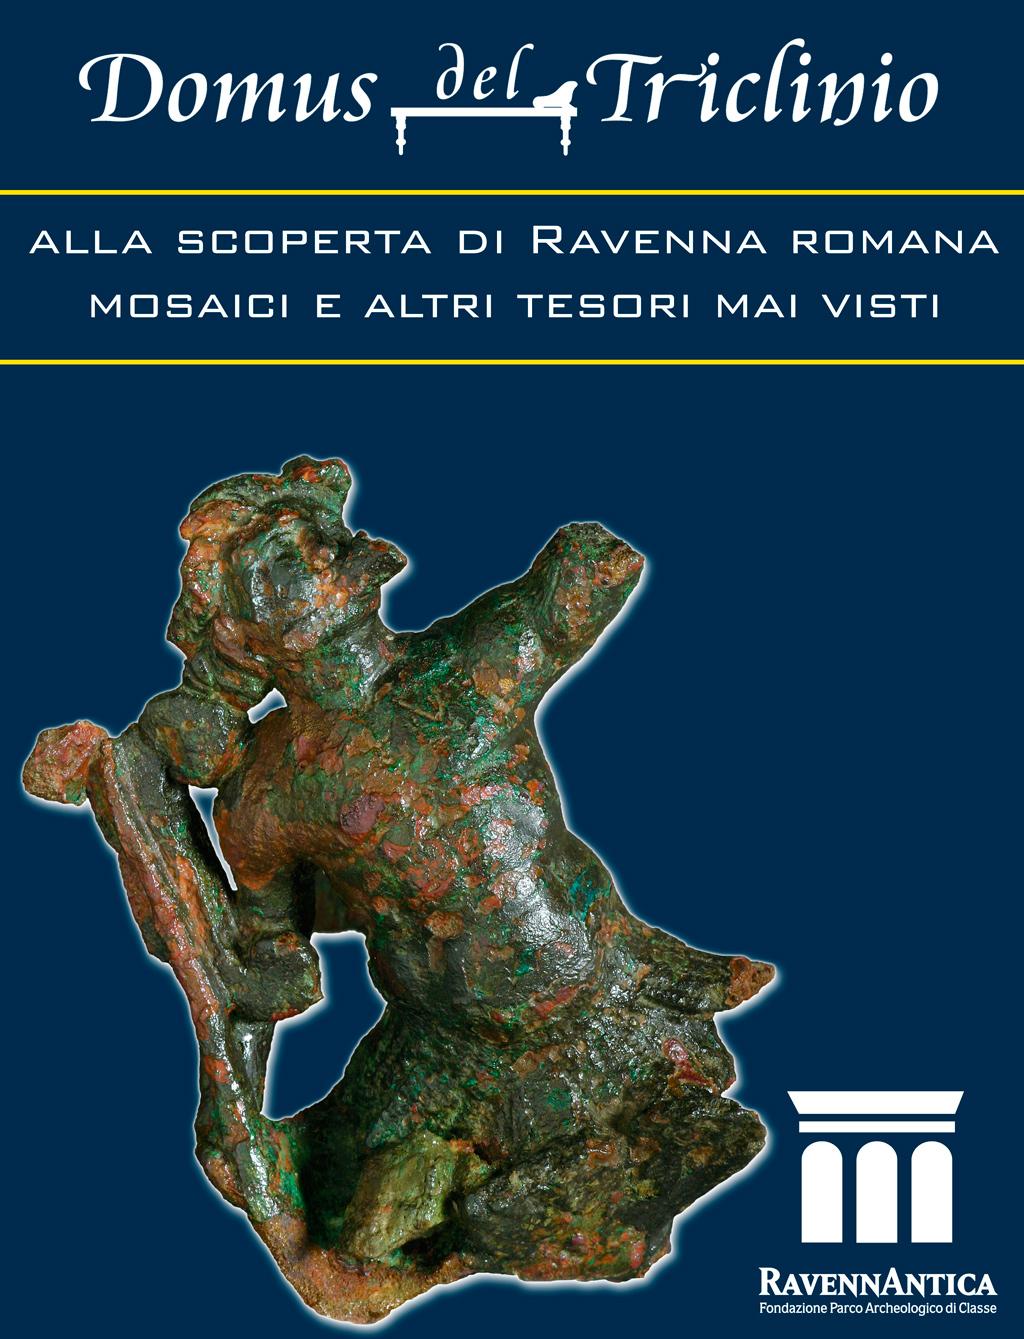 Domus del Triclinio